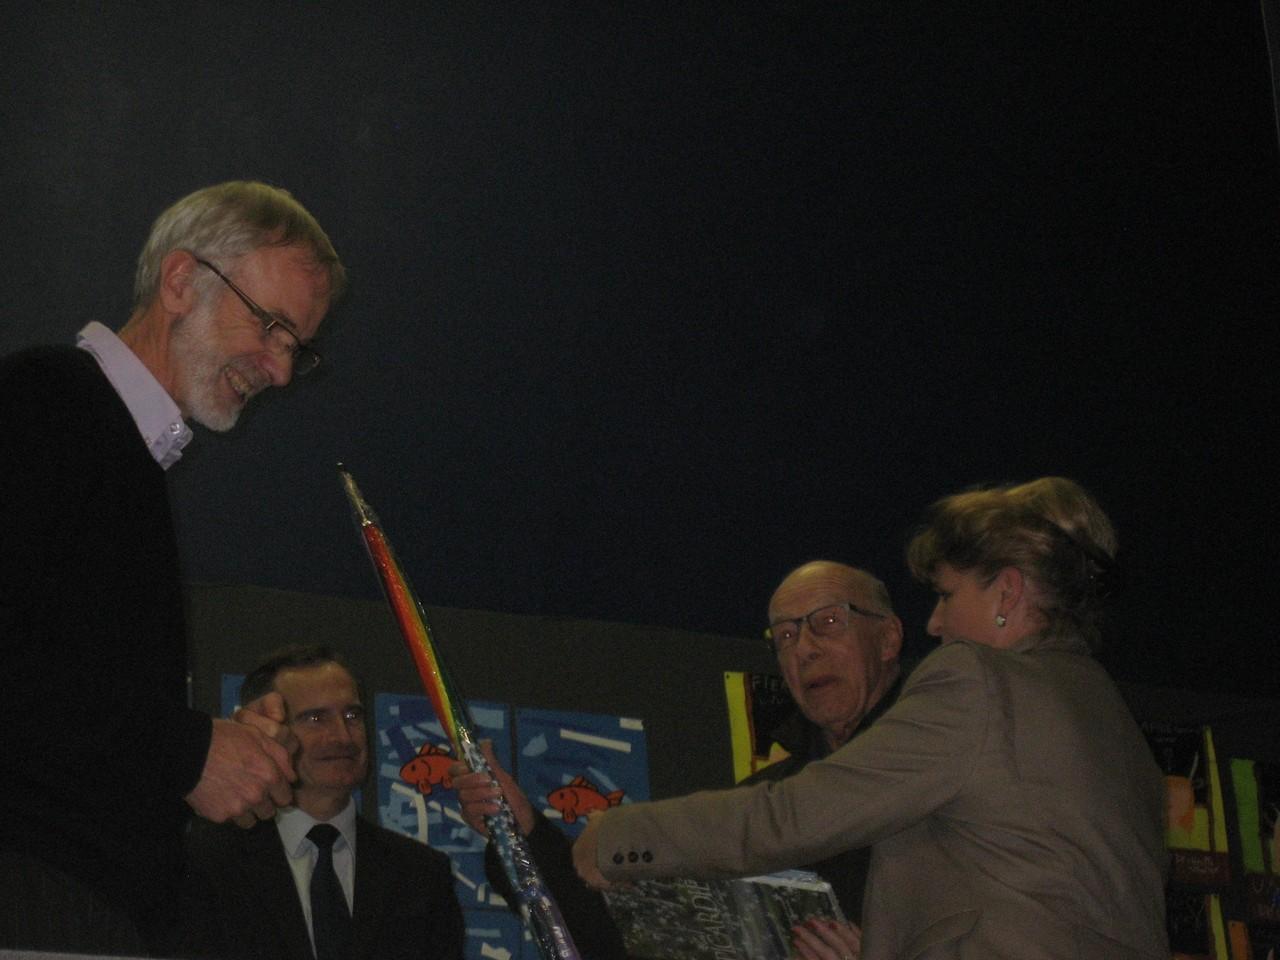 Jean-Marie Dollé reçoit le prix de Madame la conseillère régionale pour toute son oeuvre